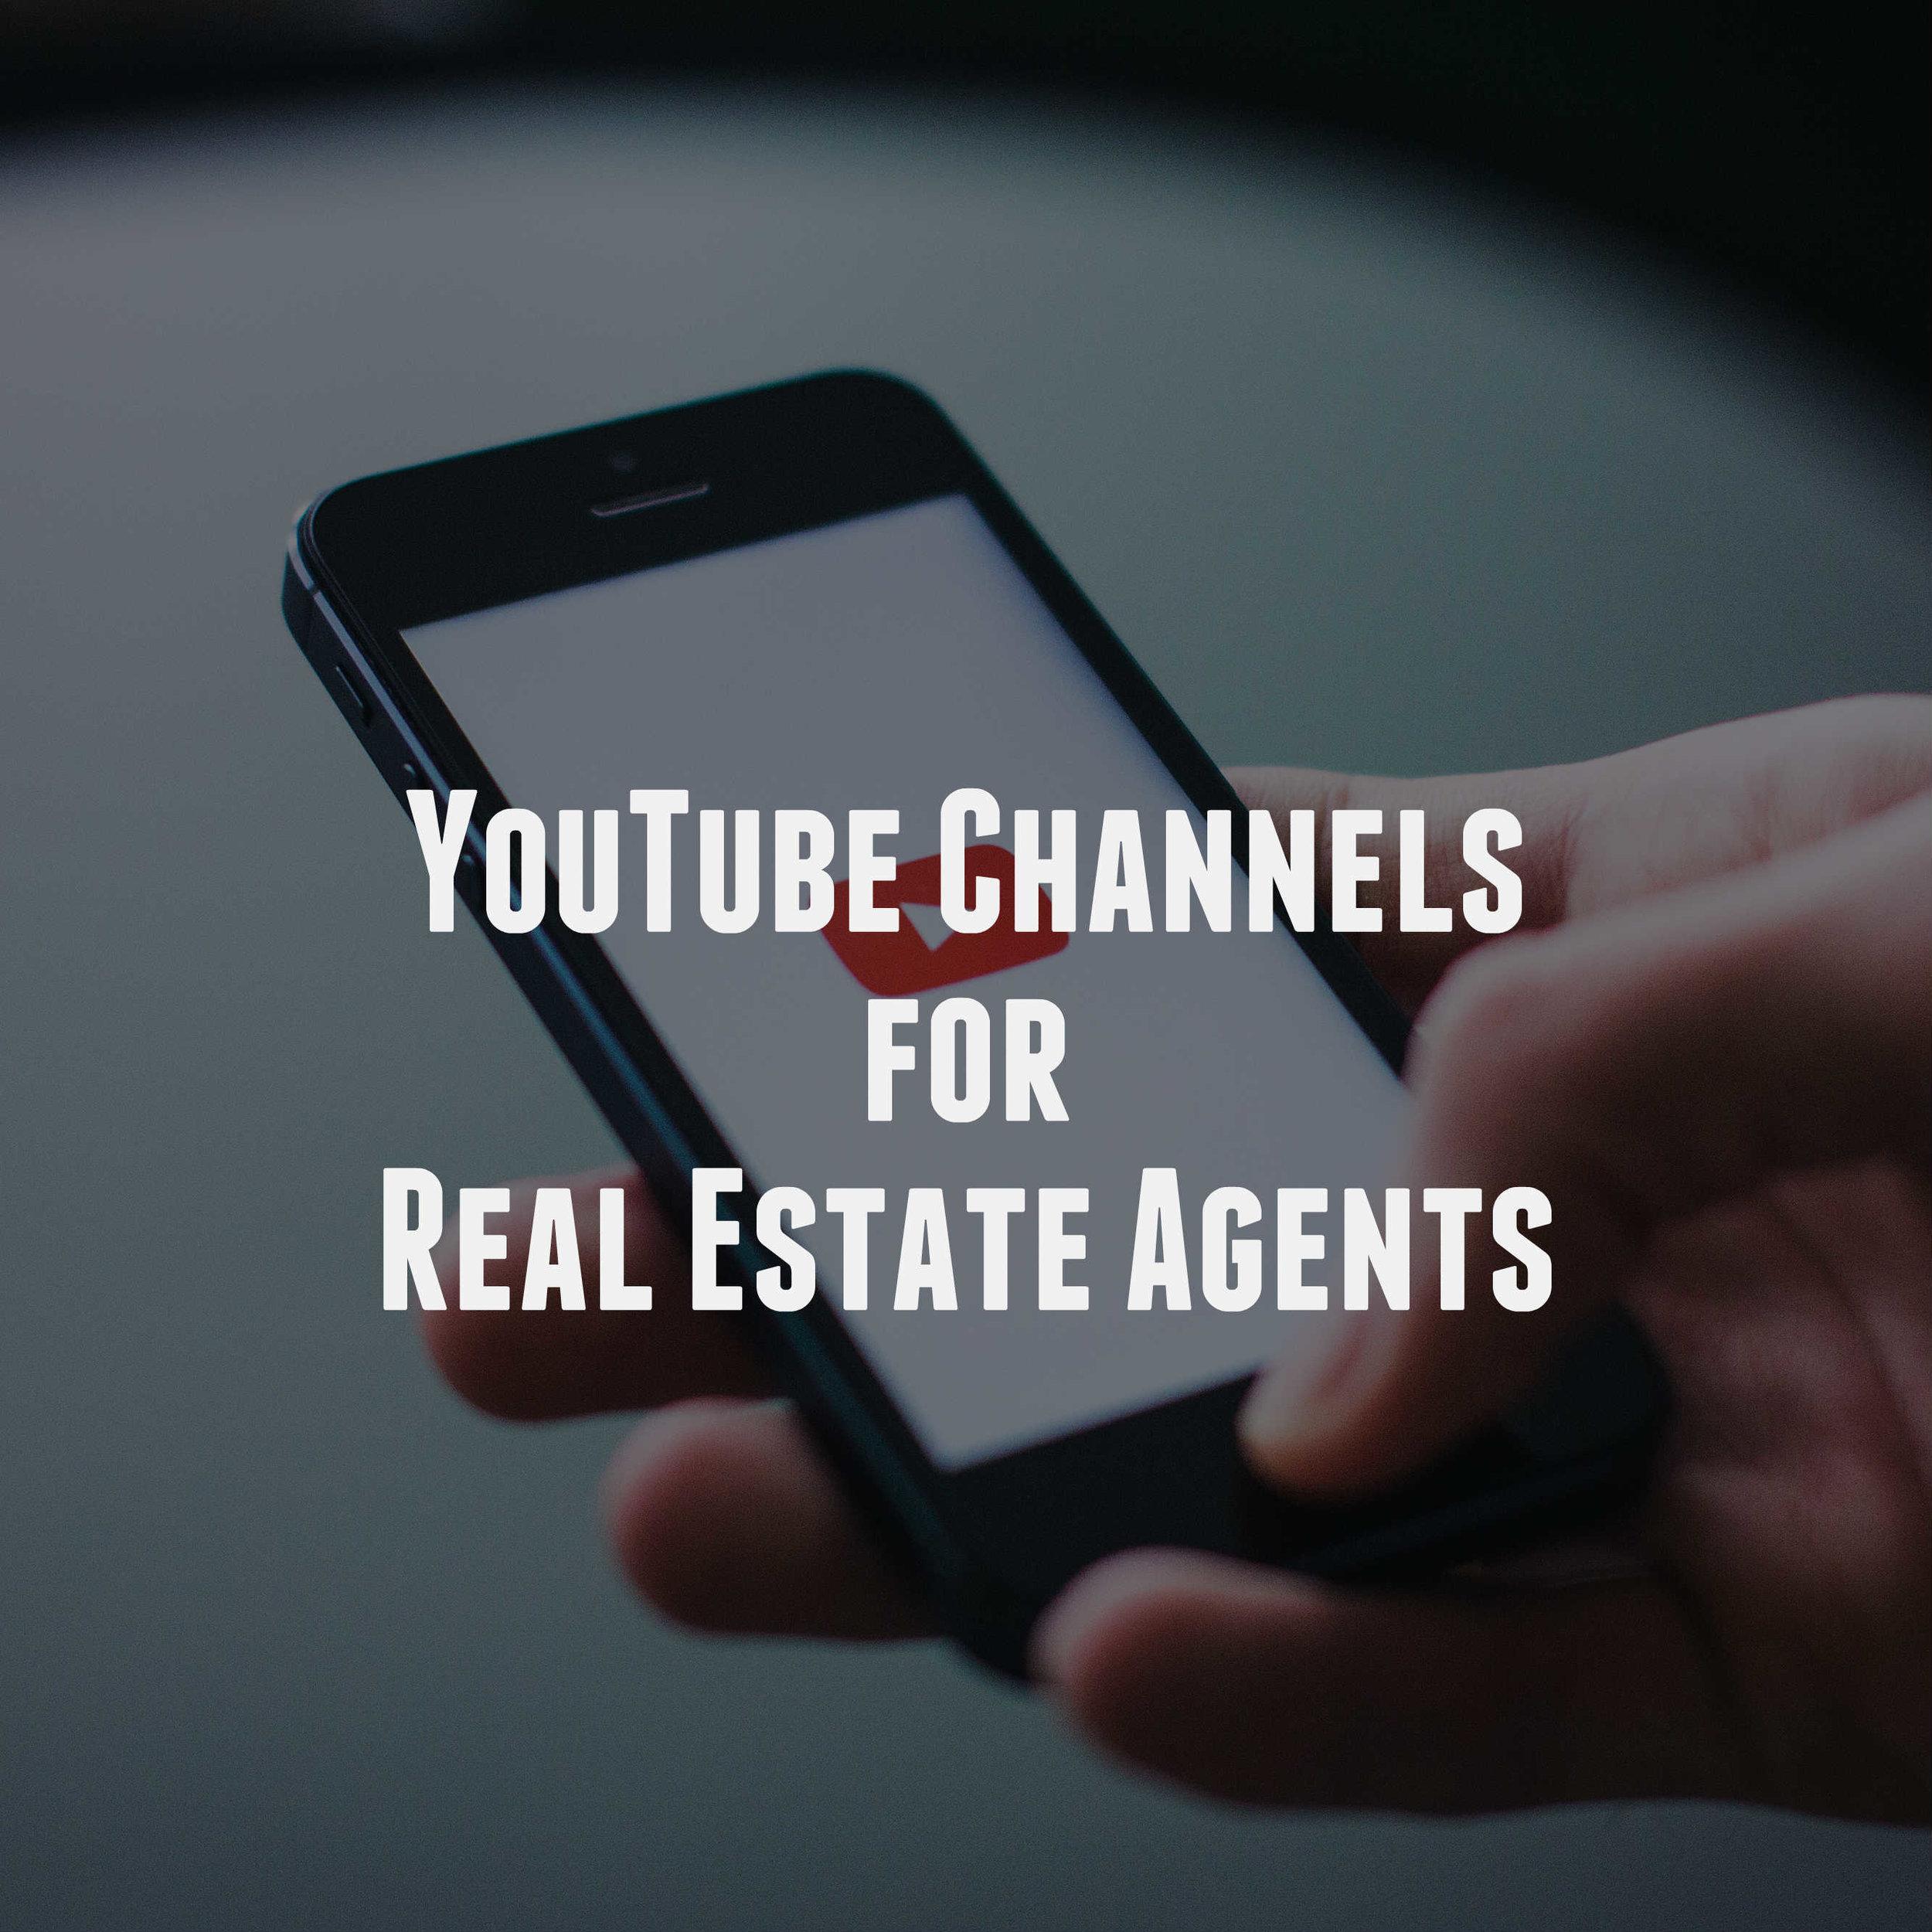 Real Estate YouTube Channels for Nashville Real Estate Agents